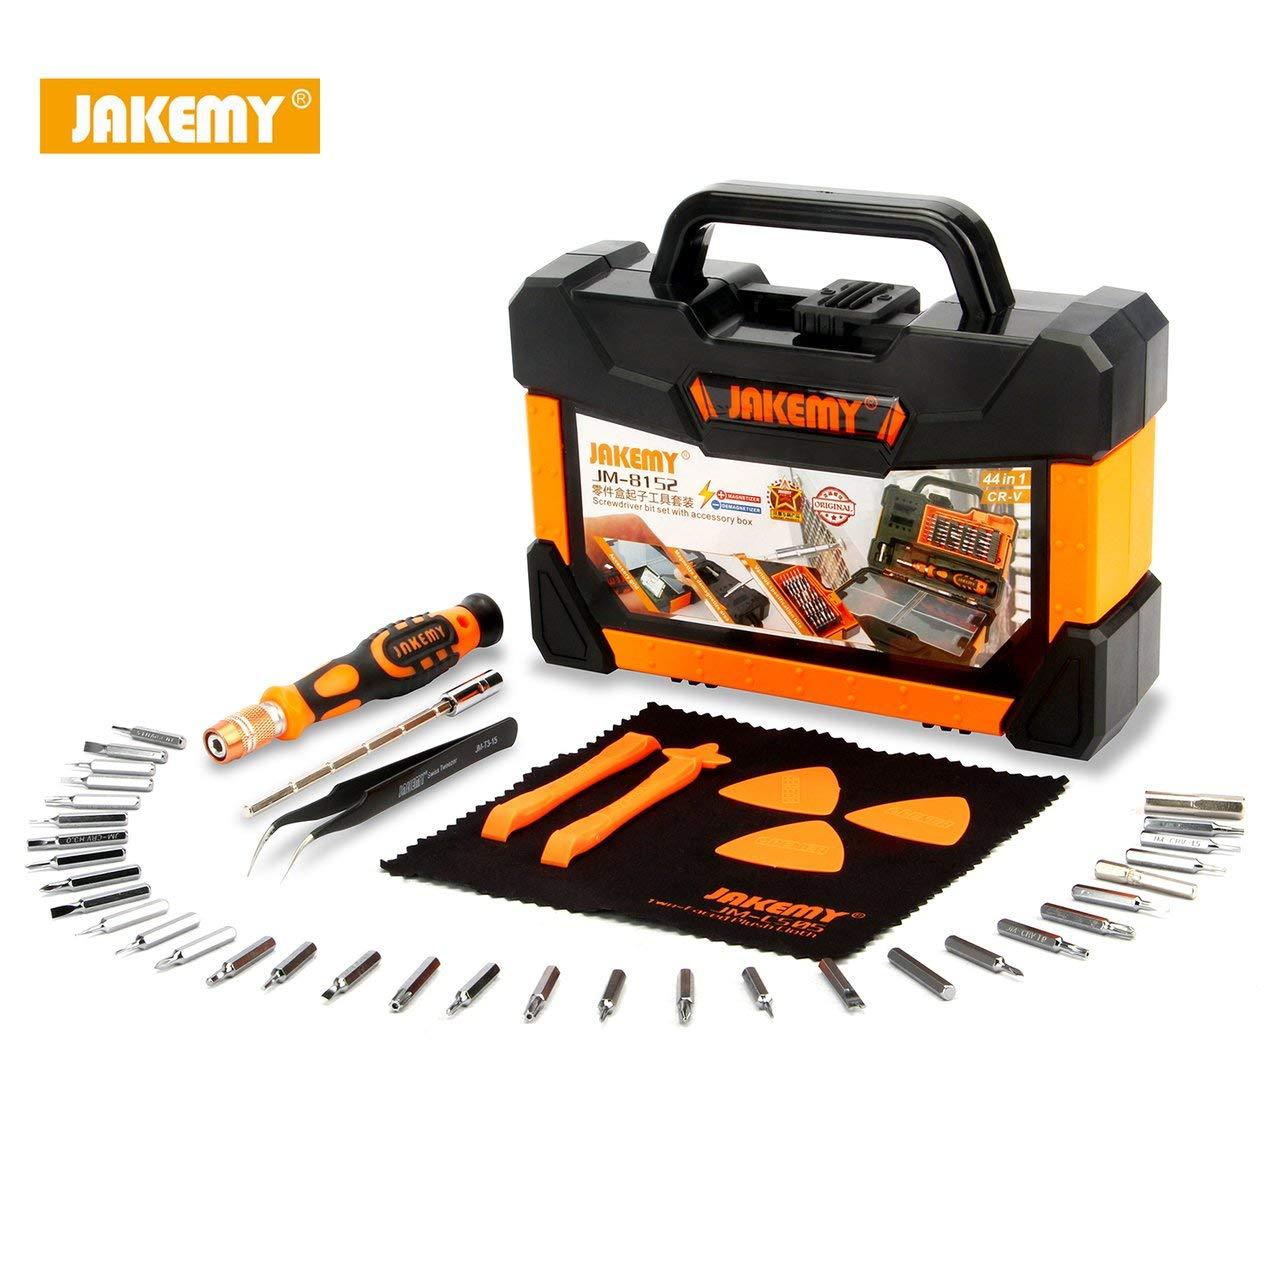 Jasnyfall Kit d'outils de ré paration de tournevis multifonctions JM-8152 44 in1 avec boî te portable noire et orange